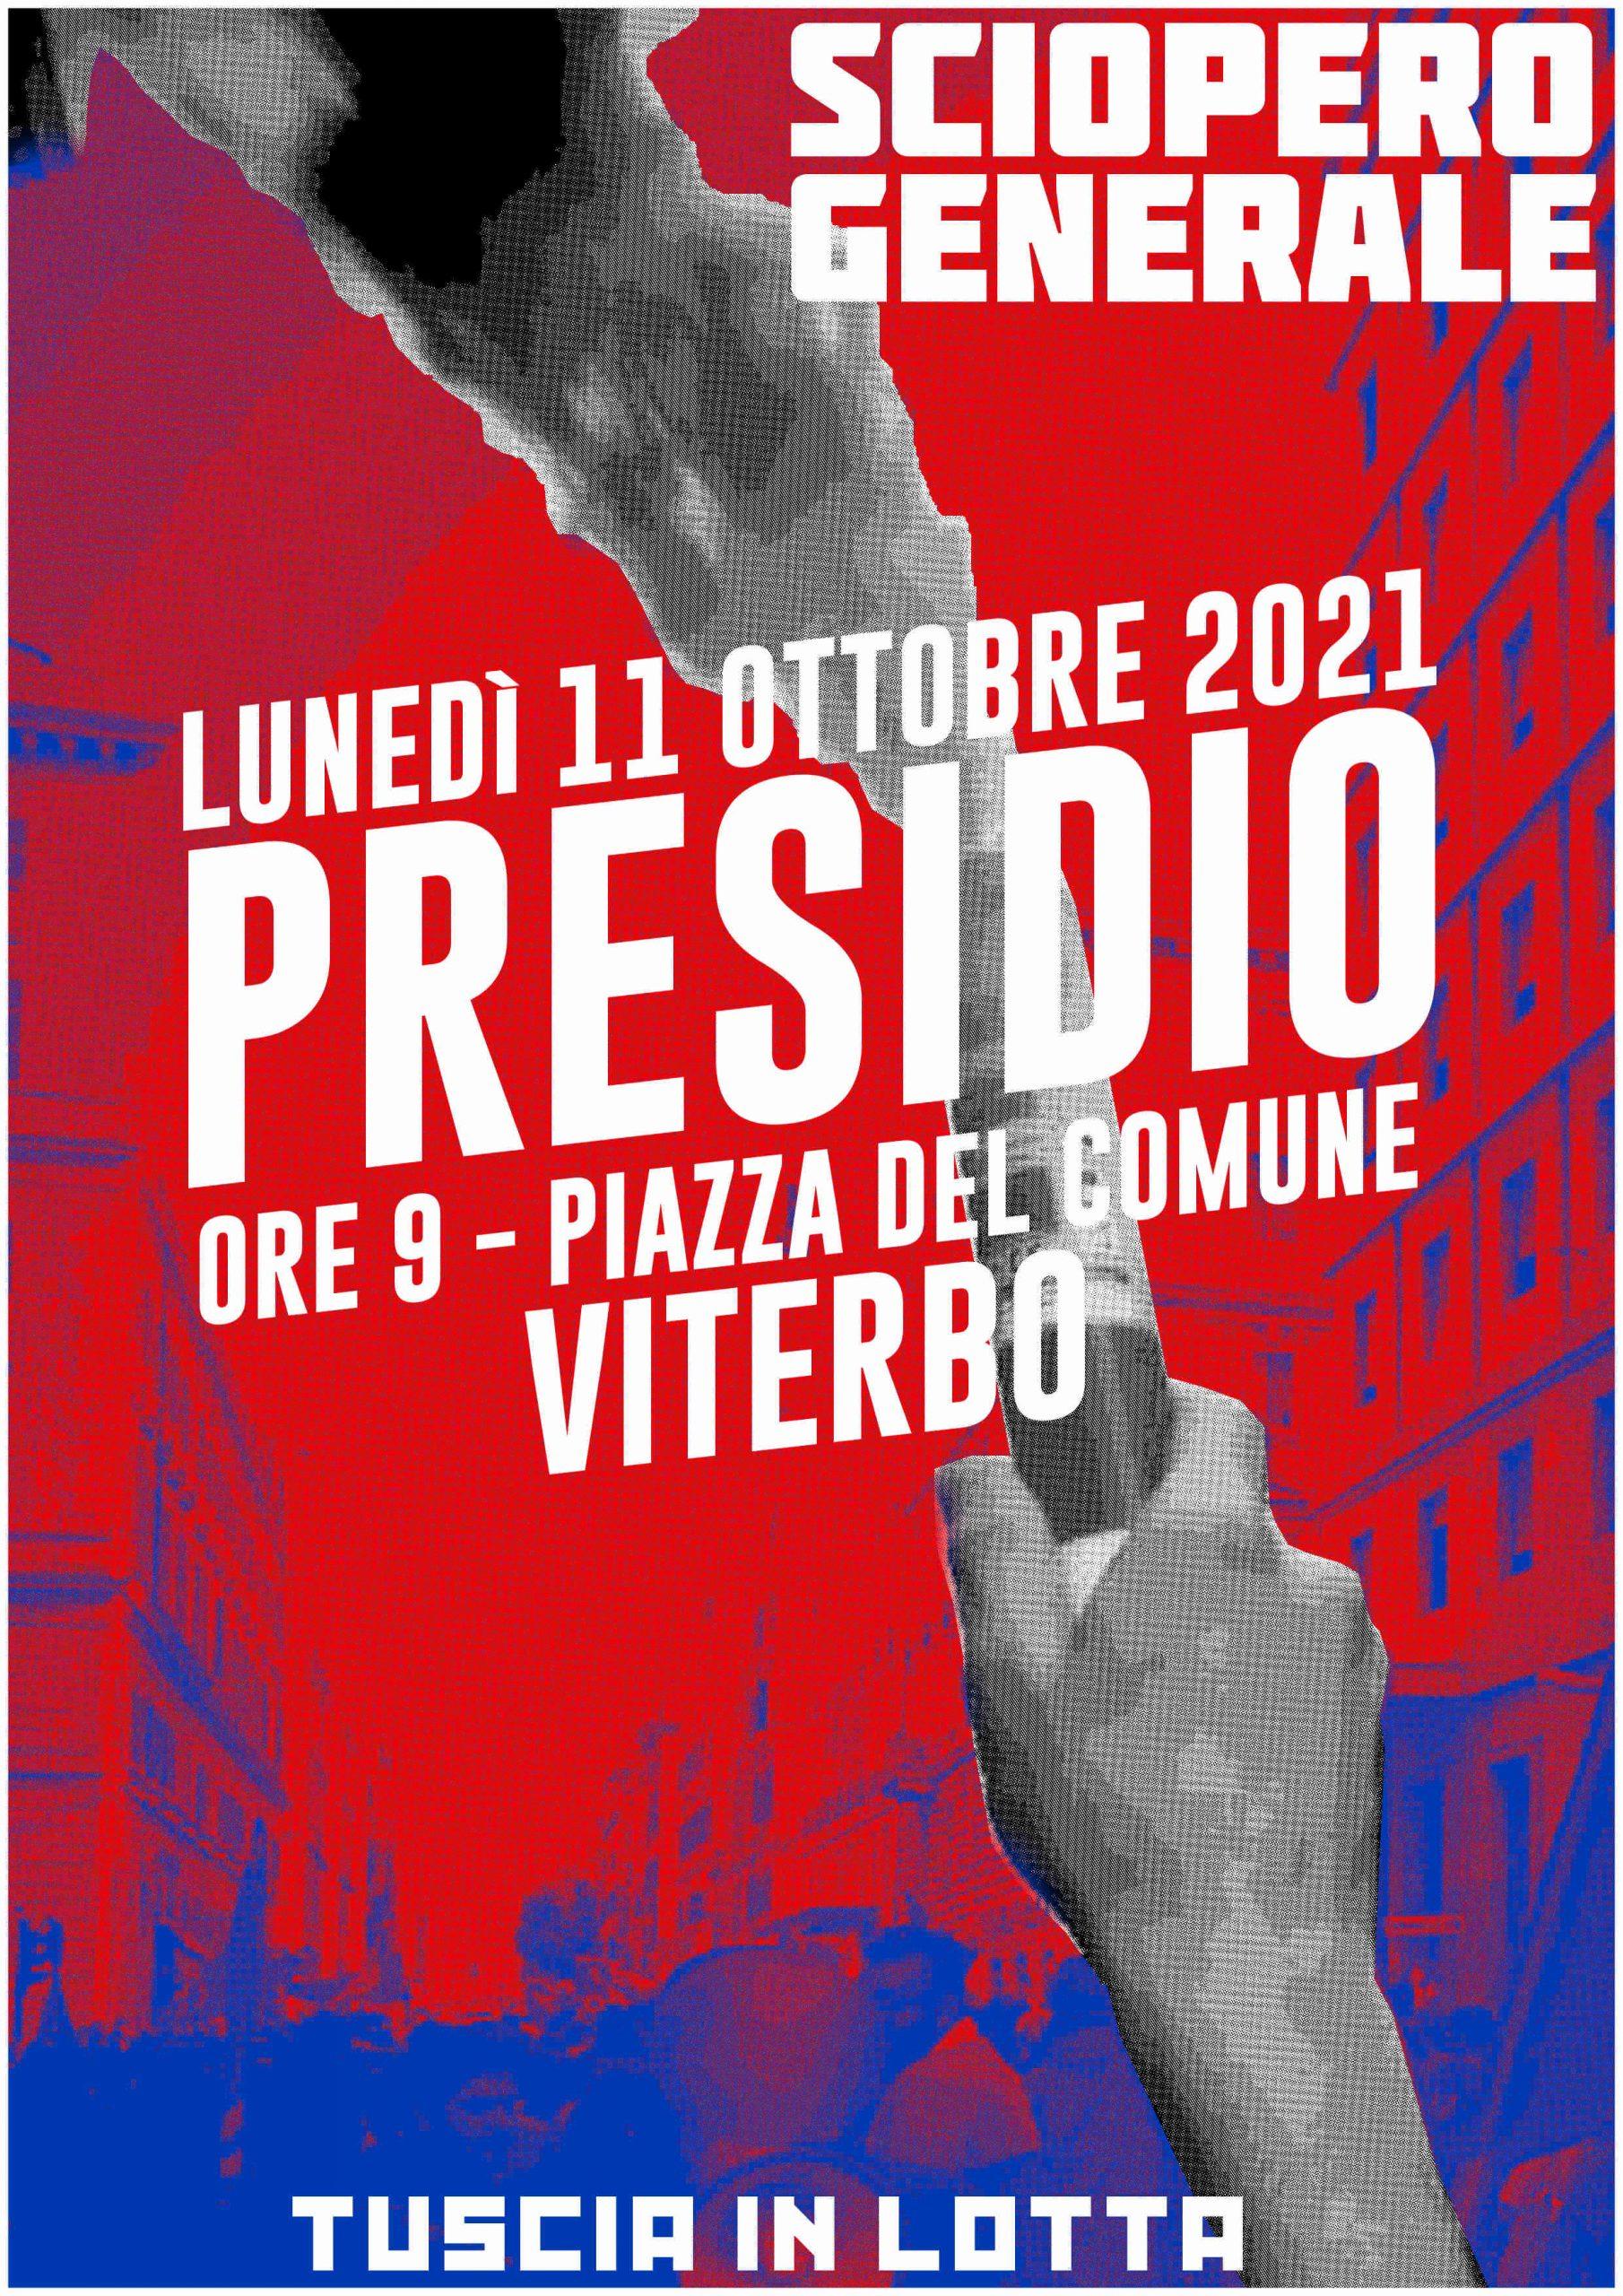 Viterbo, Sciopero Generale 11 ottobre, presidio di Tuscia in Lotta a Piazza del Plebiscito